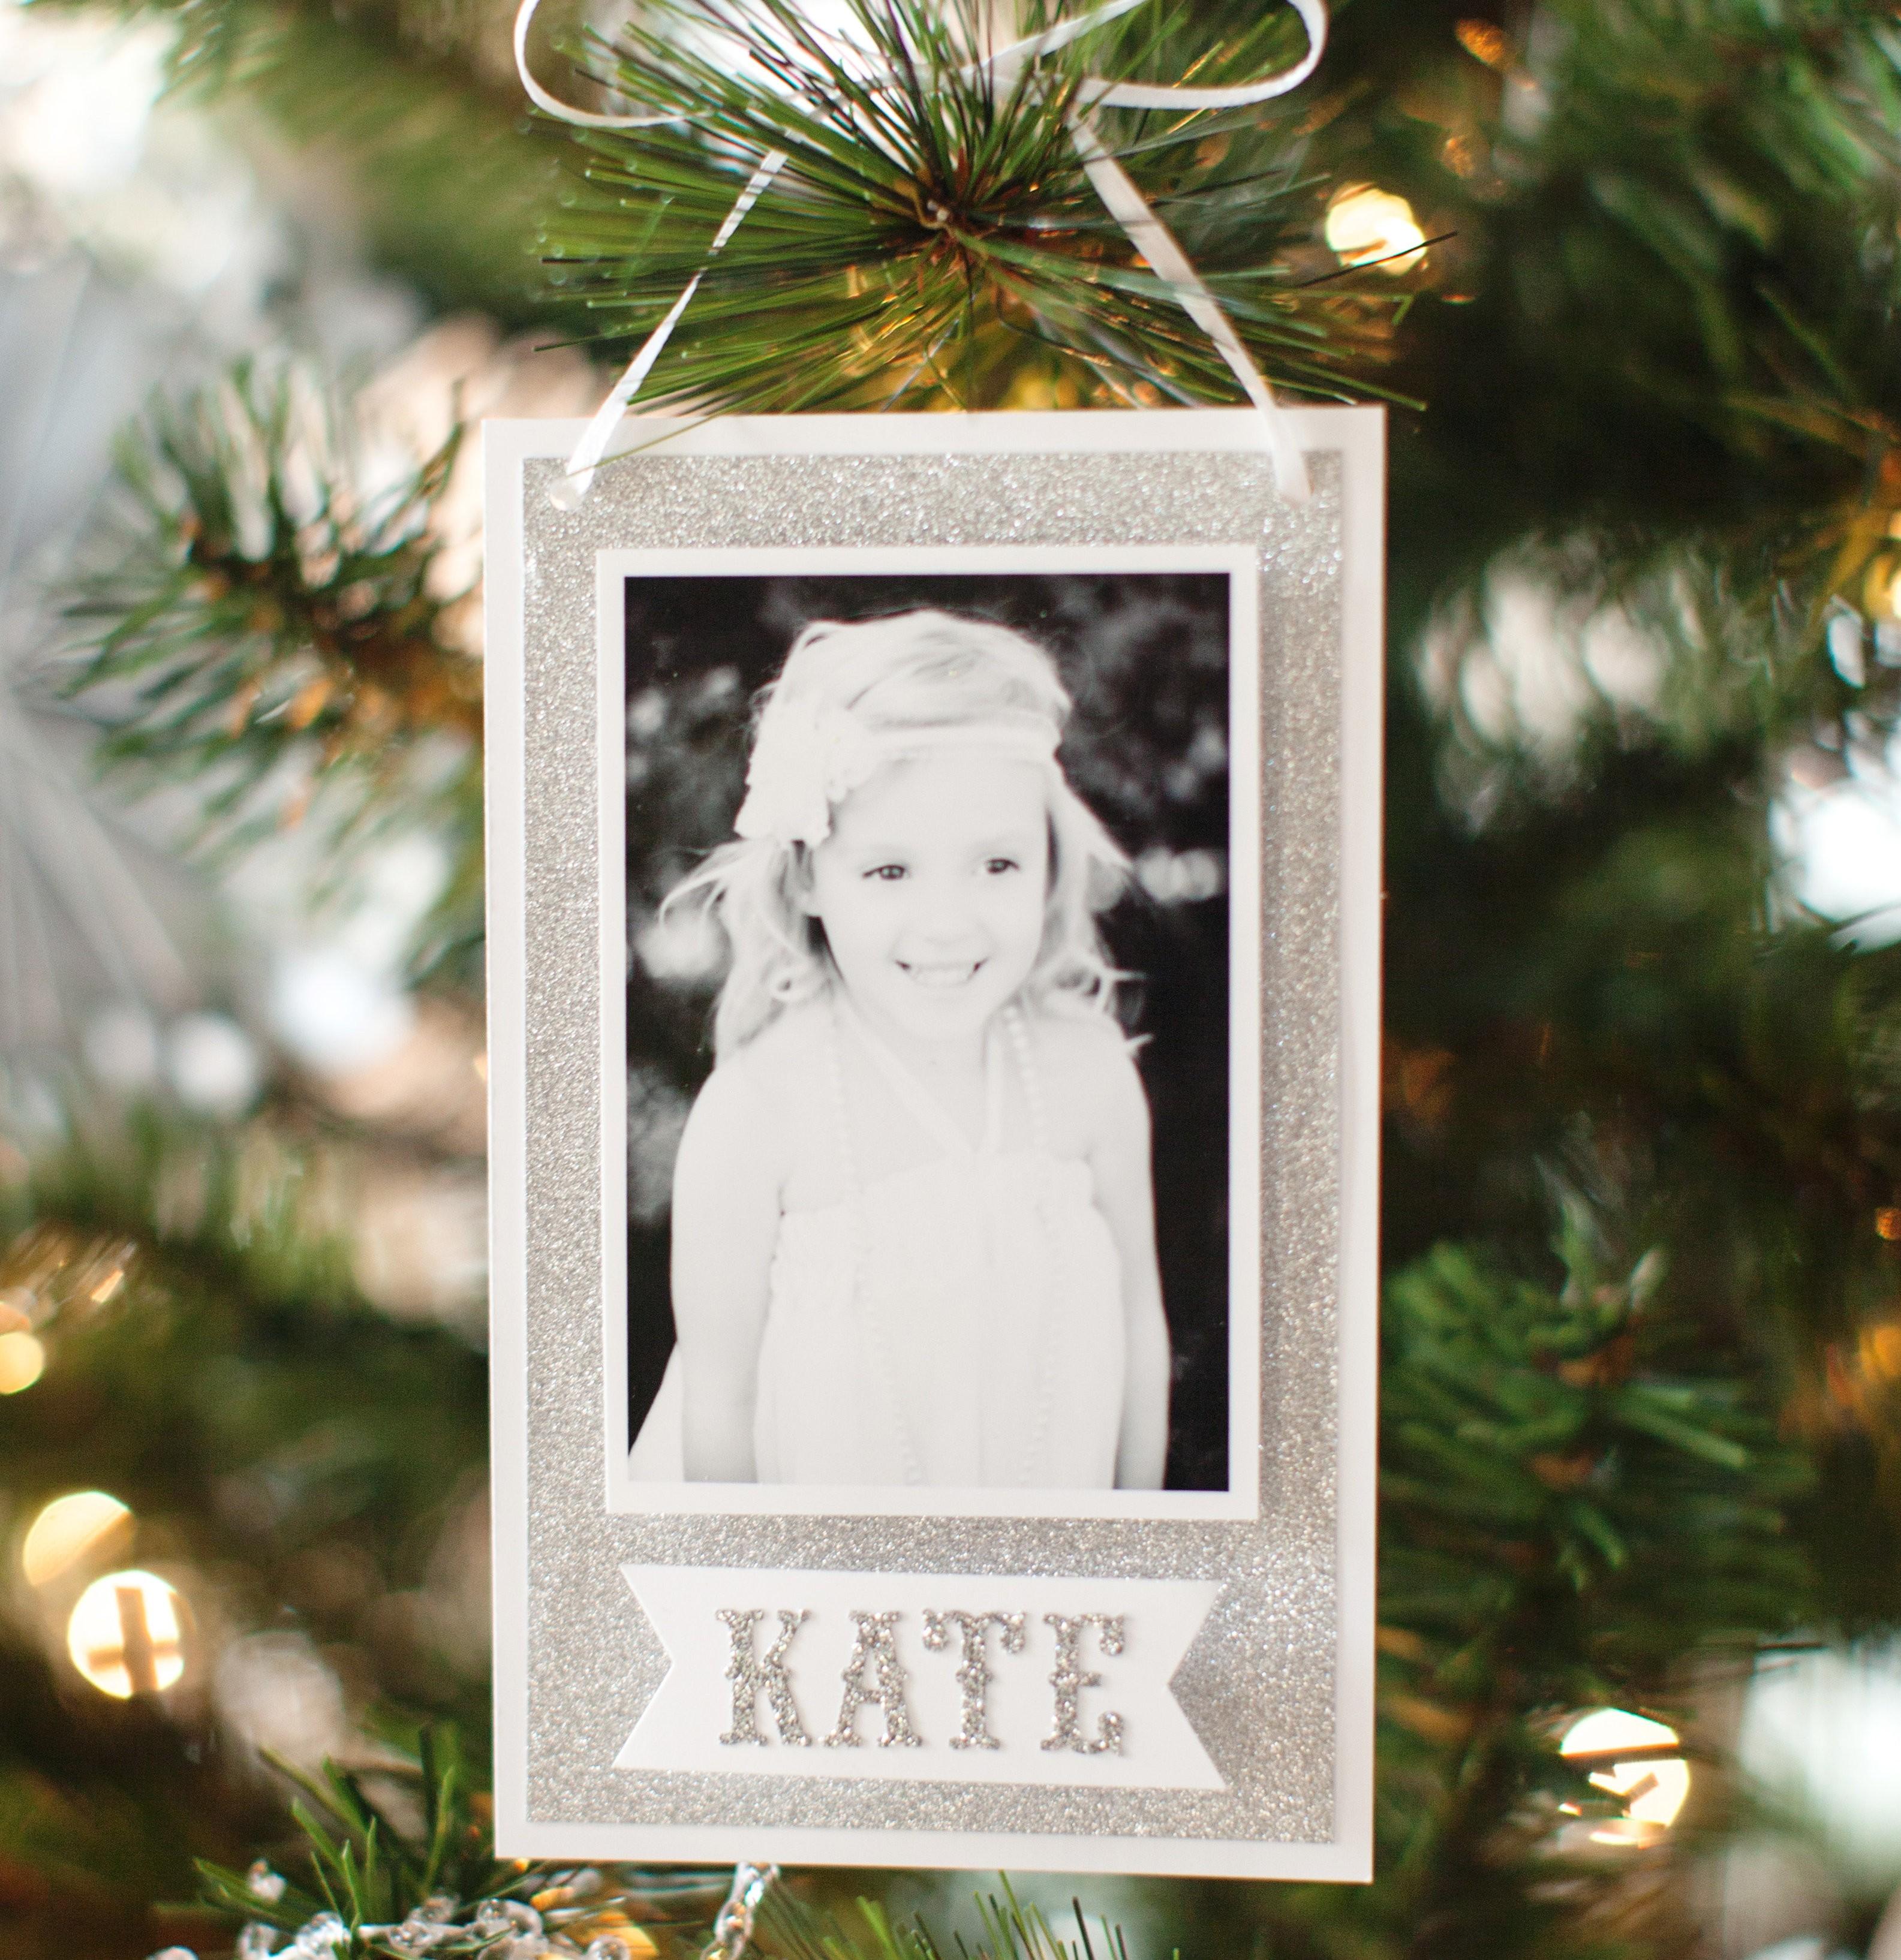 bild am weihnachtsbaum foto geschenke